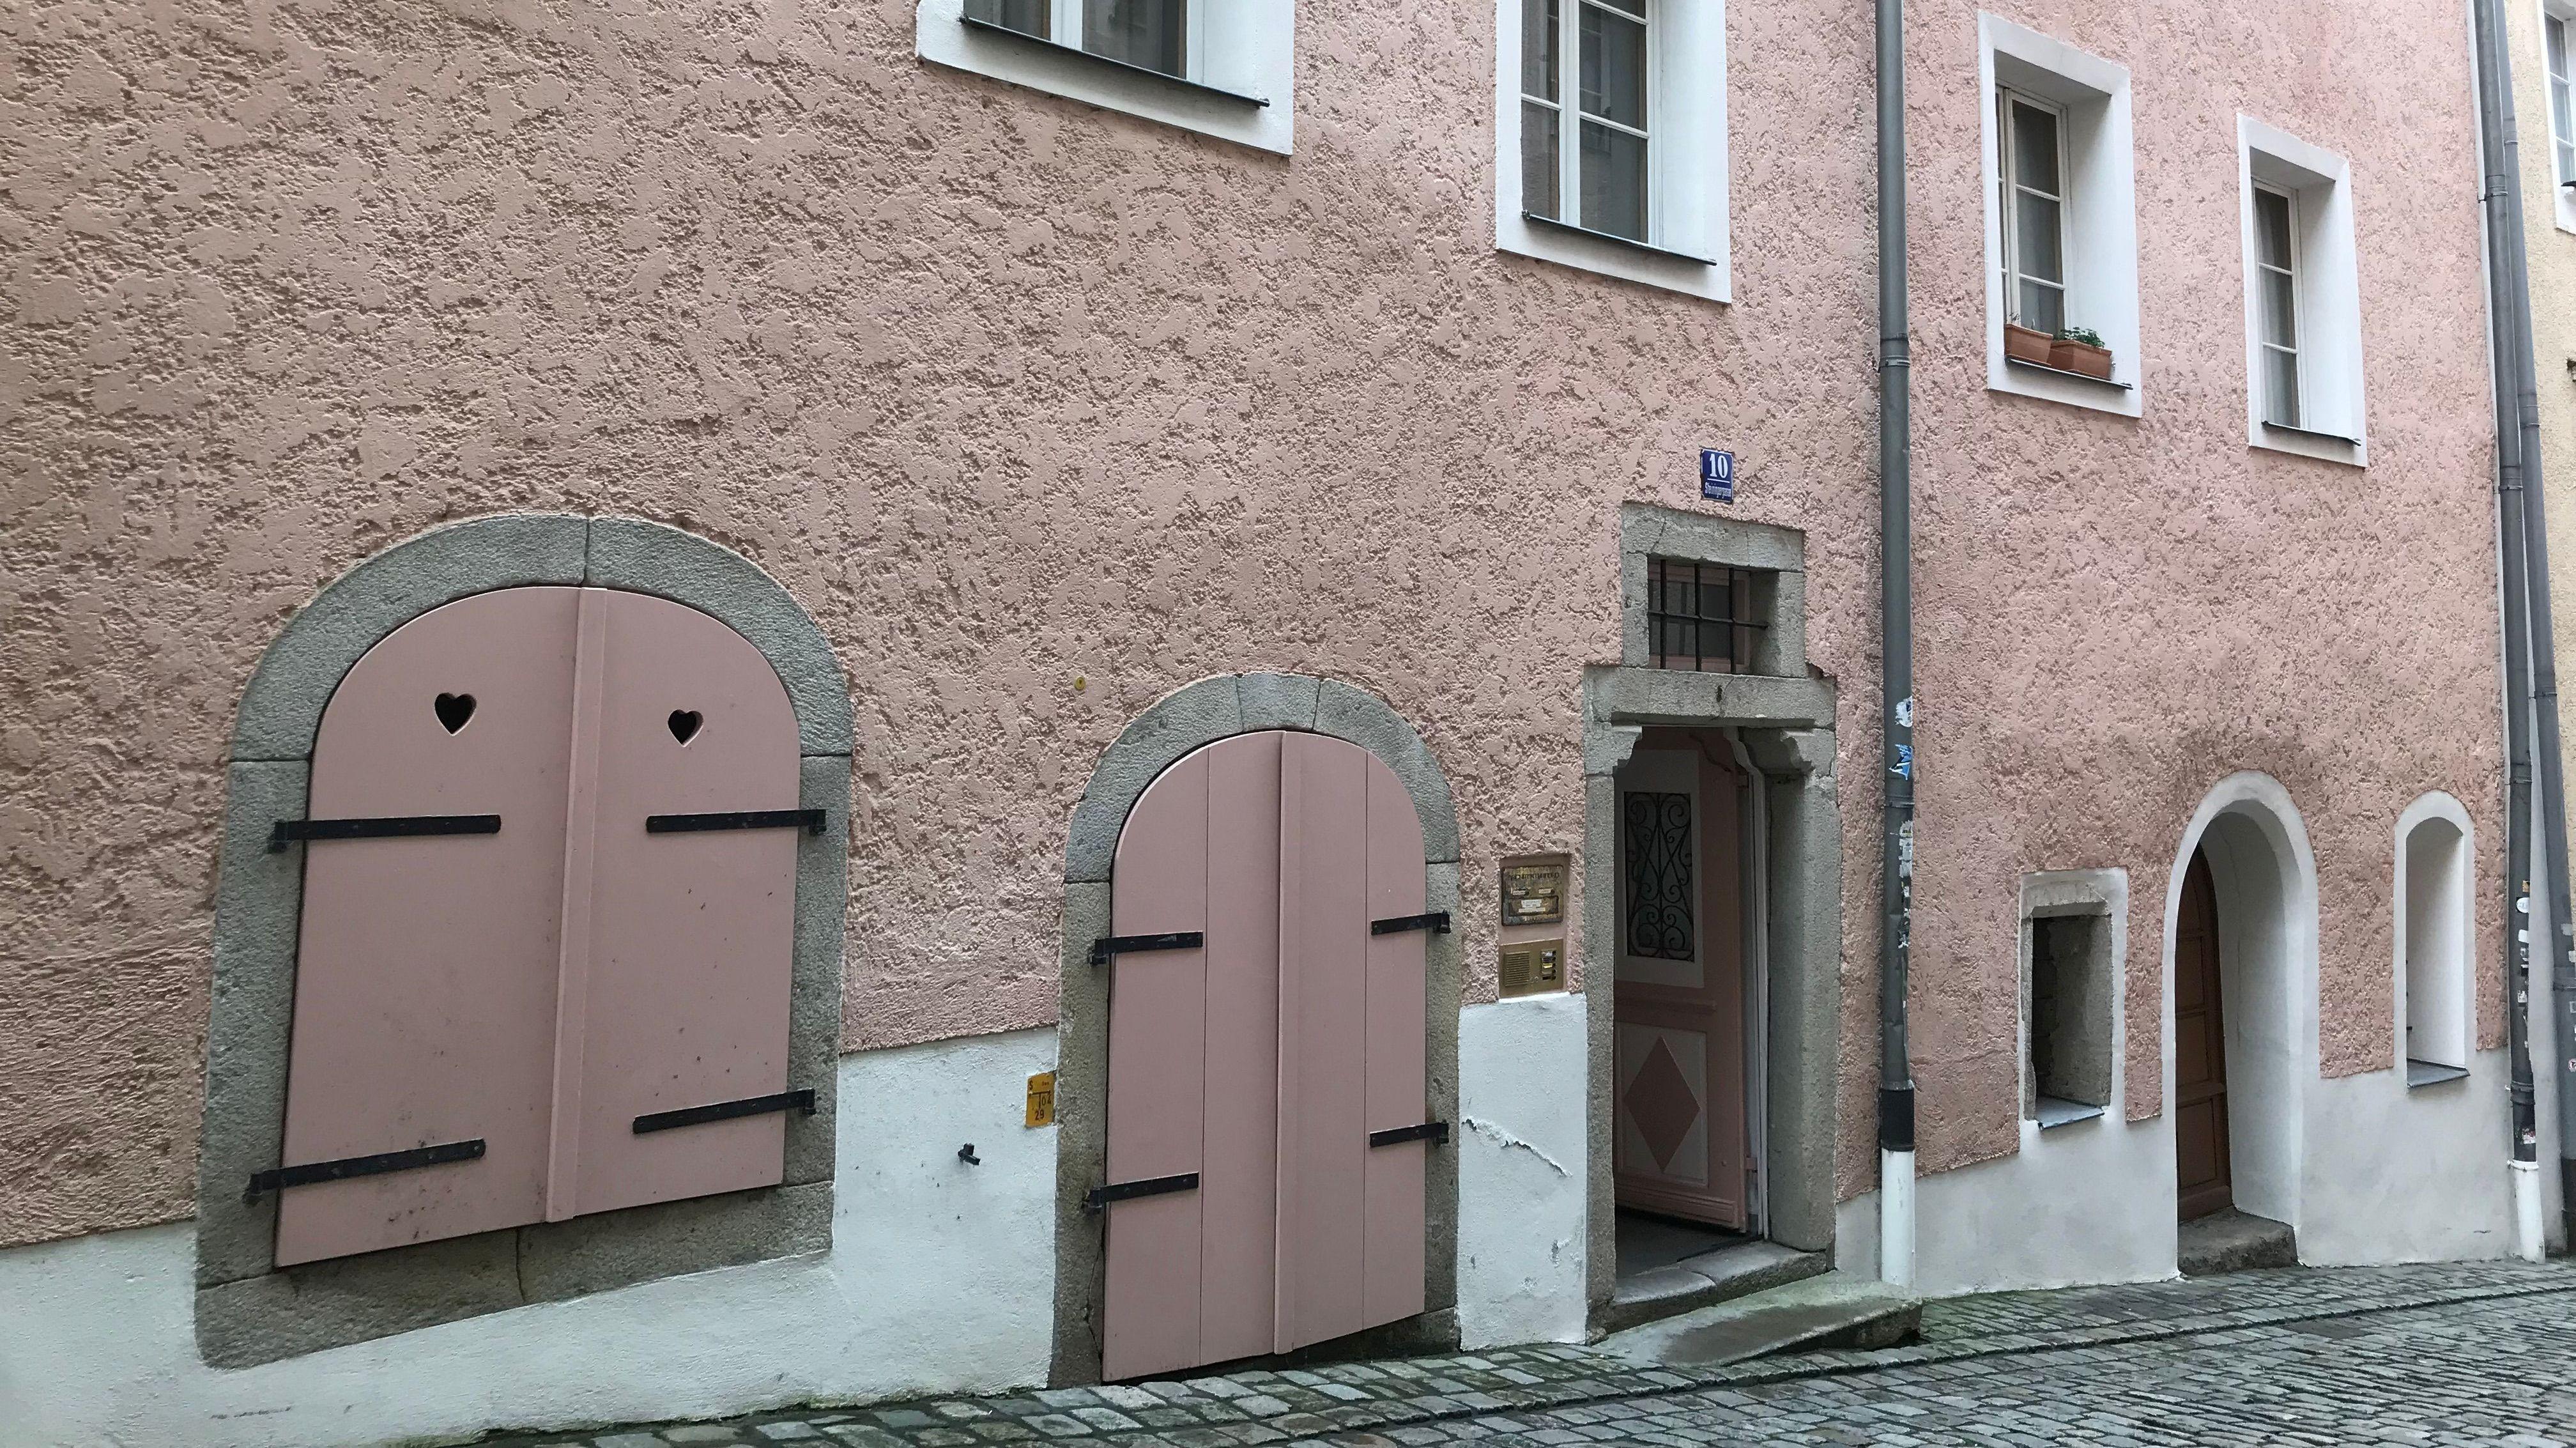 Das Haus in Passau, in dem sich der beißende Geruch ausbreitete